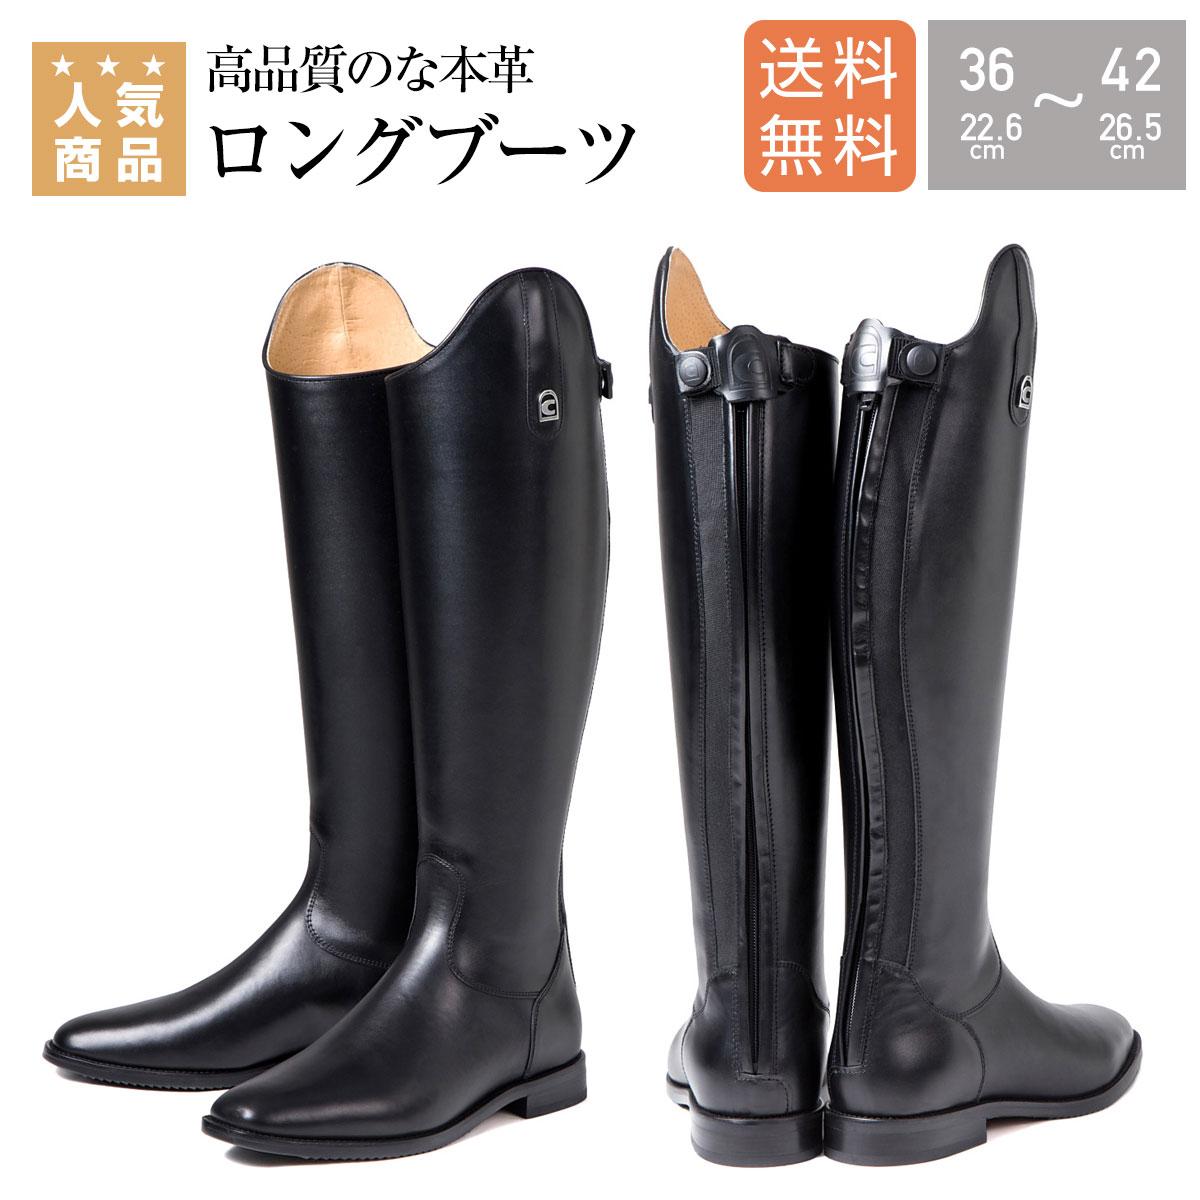 【月間優良ショップ】乗馬 ブーツ 長靴 ロングブーツ 送料無料 Cavallo LINUS 本革 ドレッサージュ ロングブーツ 乗馬用品 馬具